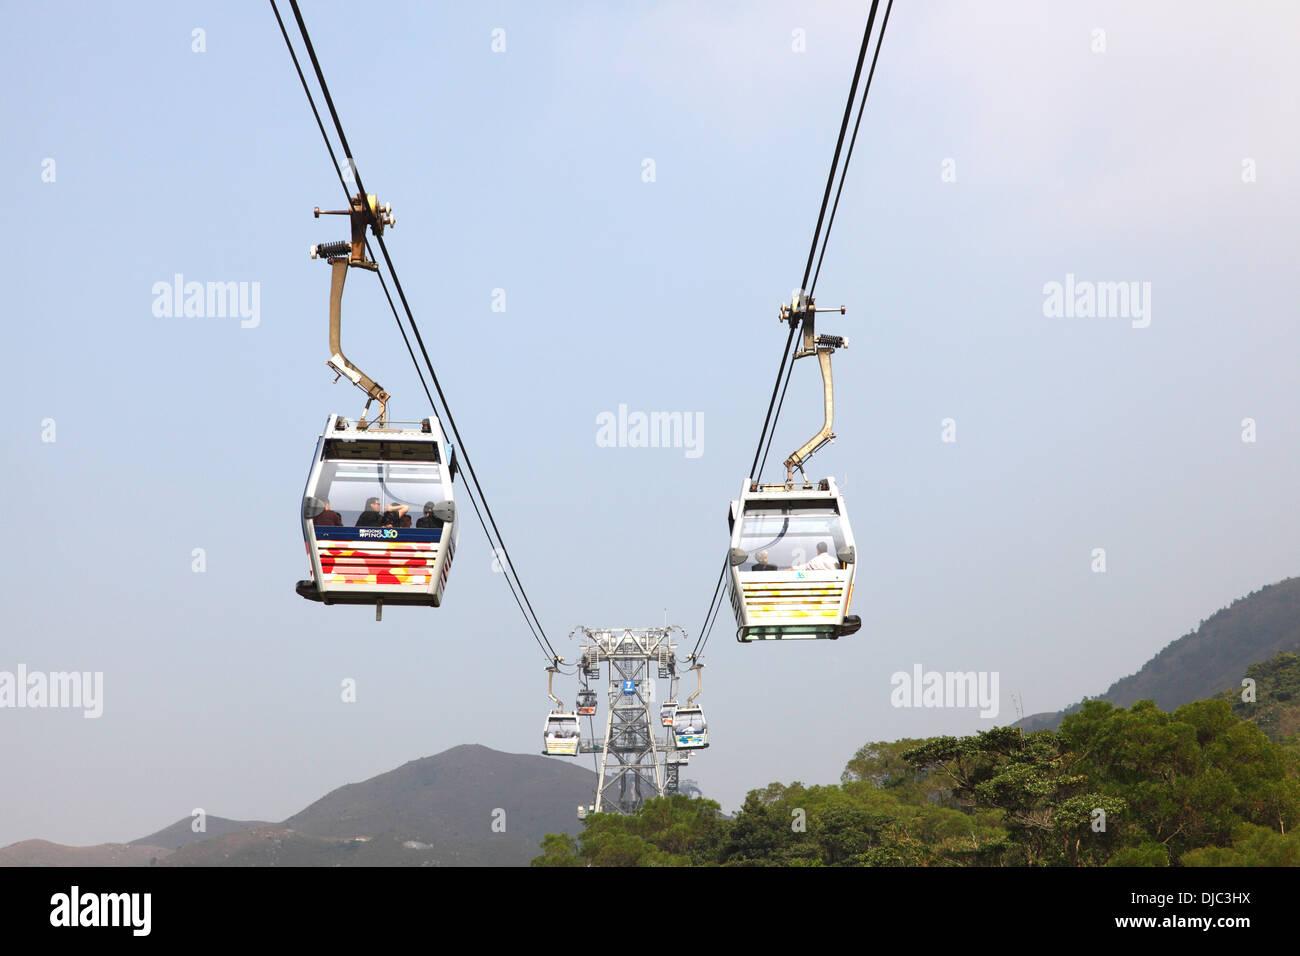 Ngong Ping 360 cable car on Lantau Island, Hong Kong - Stock Image